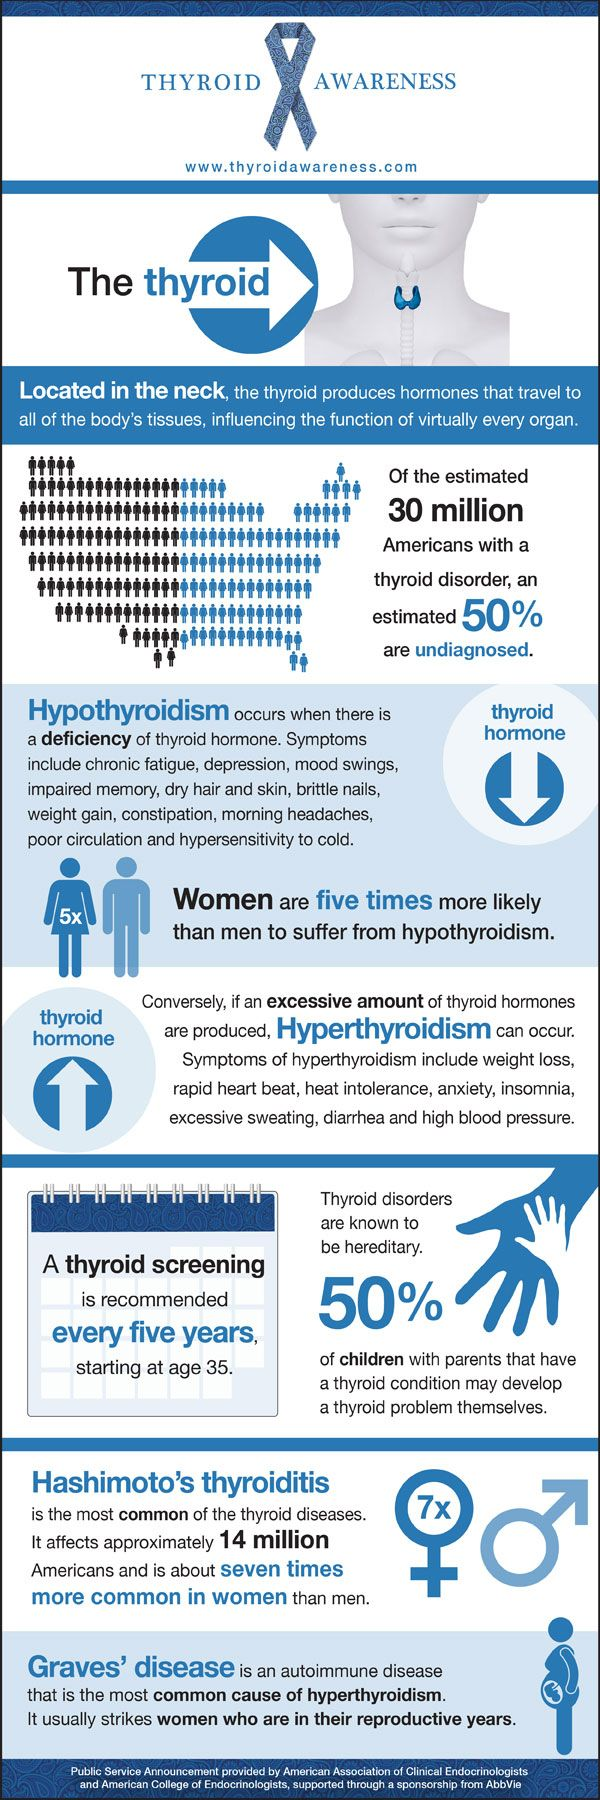 Thyroid Awareness